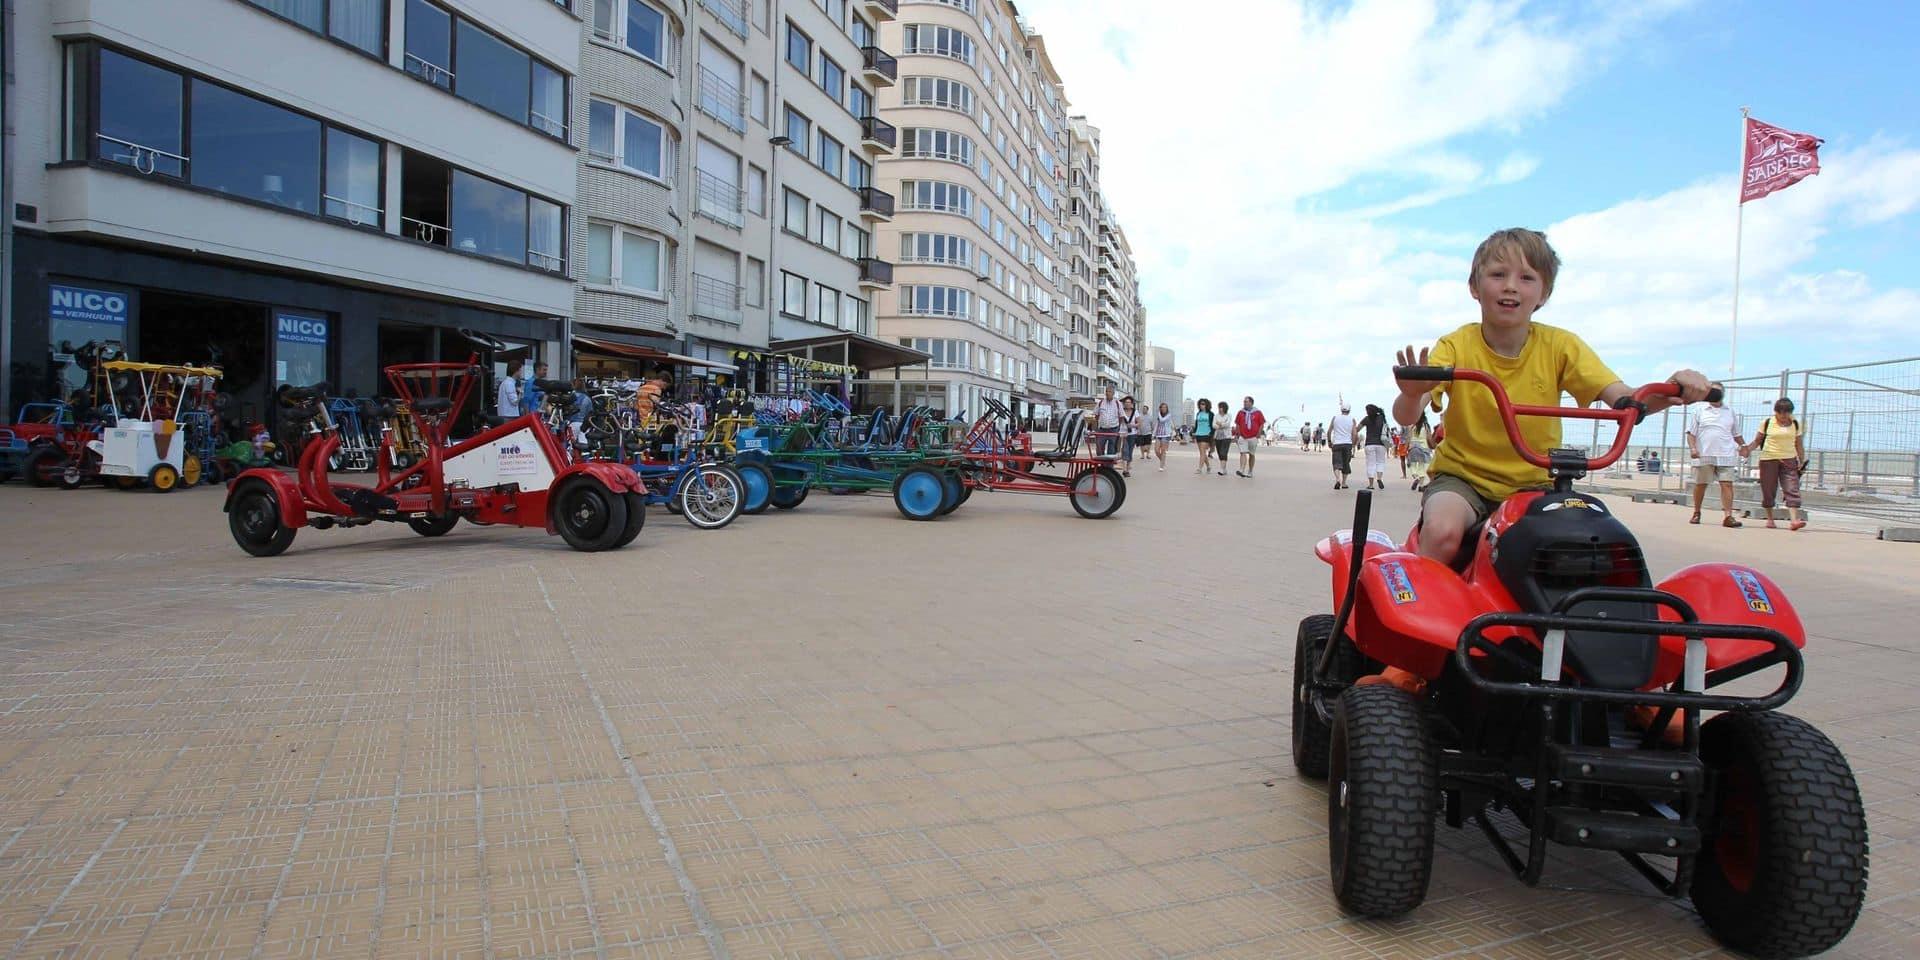 Vélos et cuistax seront interdits sur la digue d'Ostende lors des pics de fréquentation